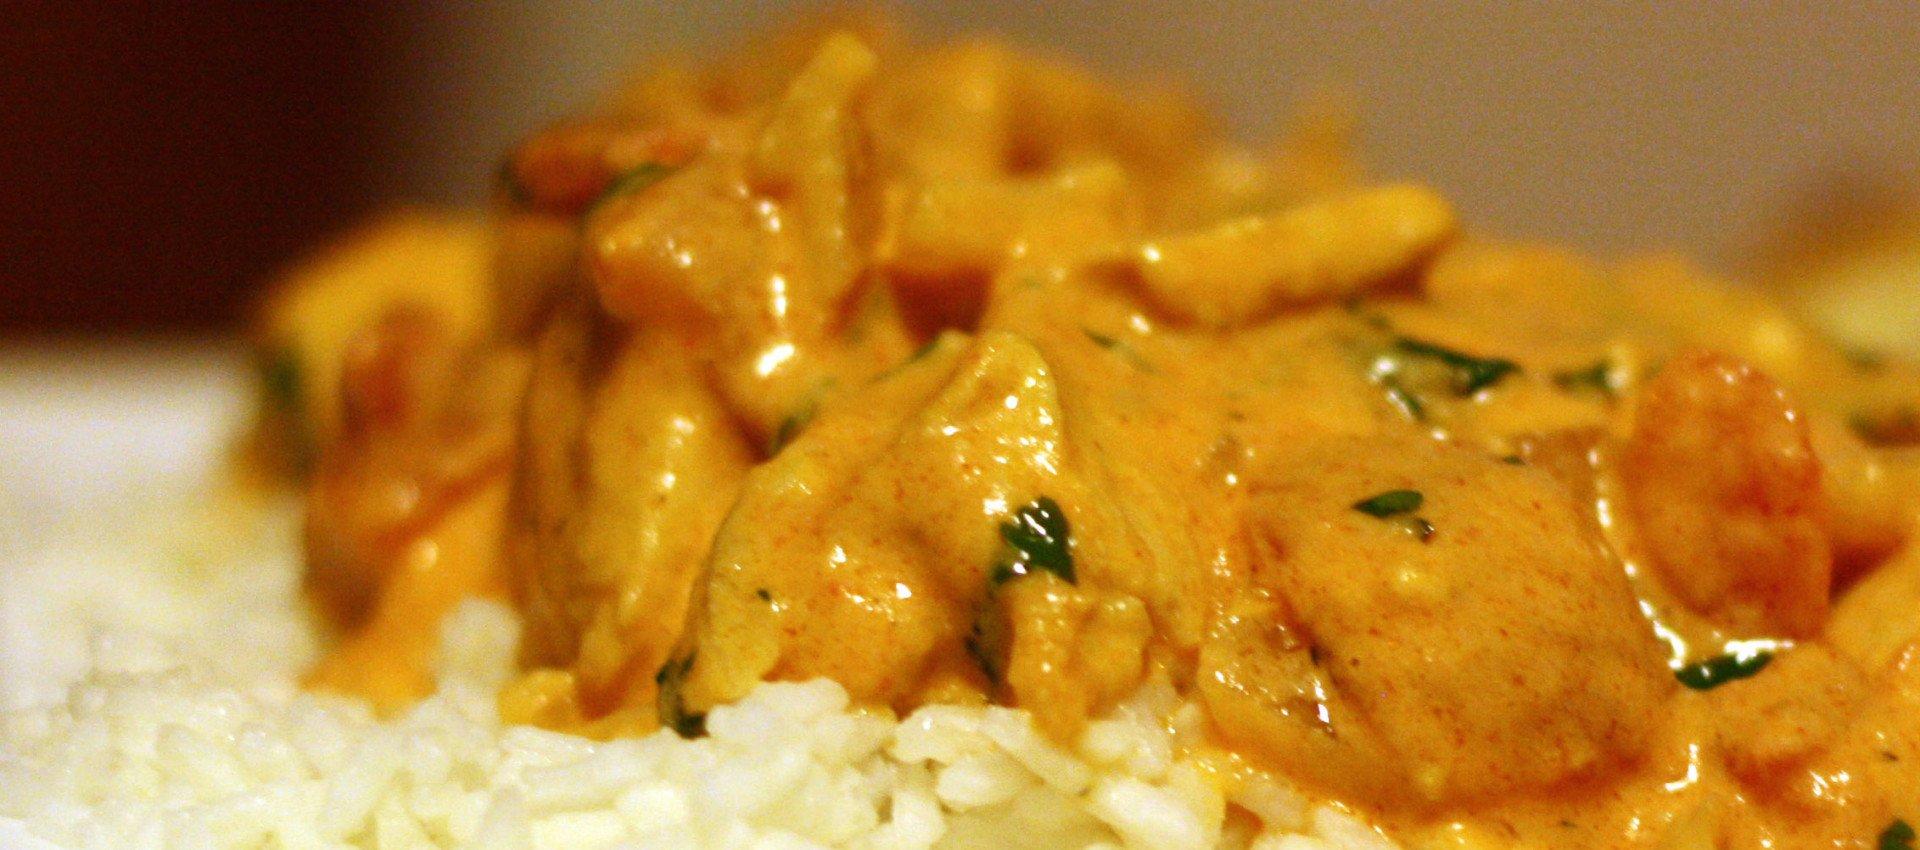 Aiguillettes de poulet sauce munster cookeo mania cookeo mania - Cuisiner aiguillette de poulet ...